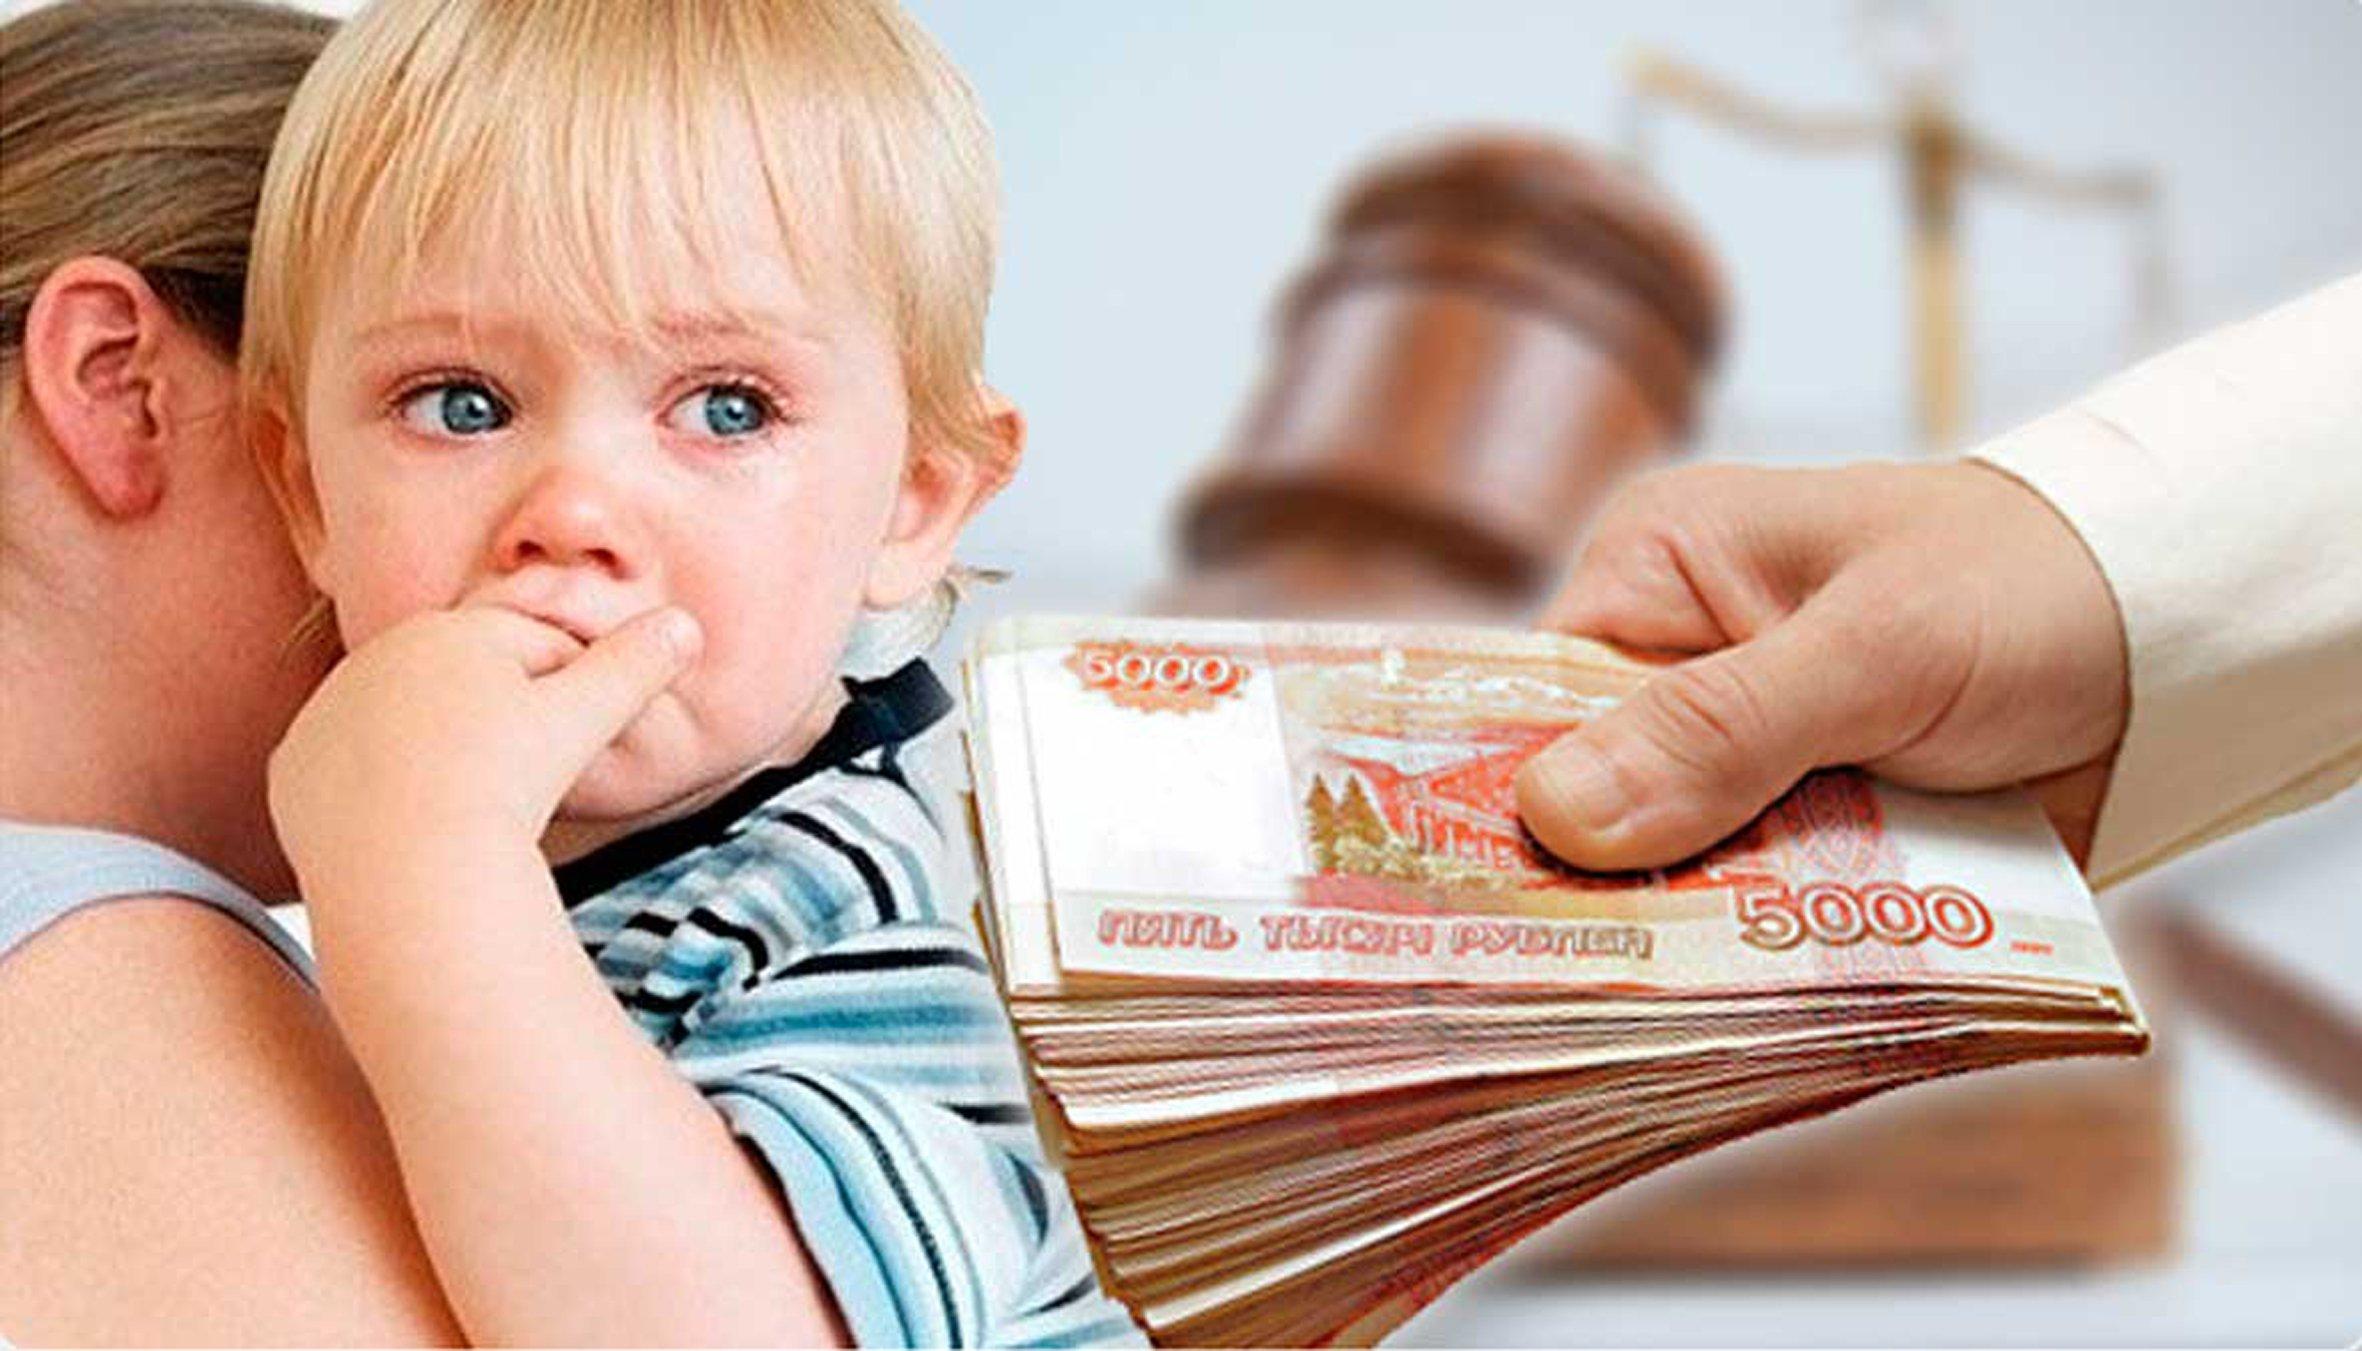 Закон о фото детей